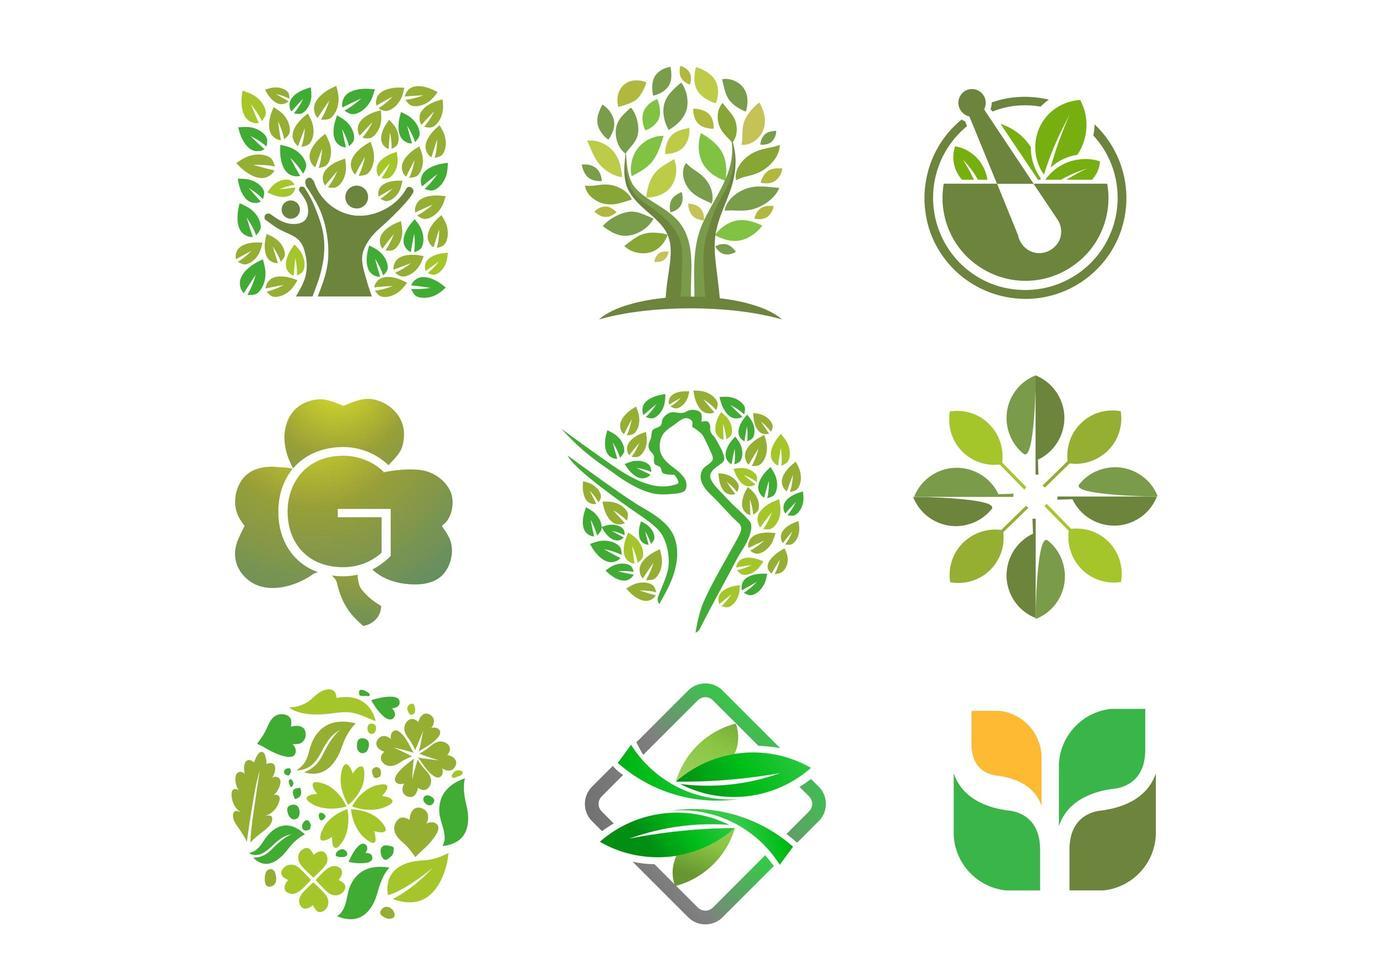 människor, träd och blad logotyp samling vektor